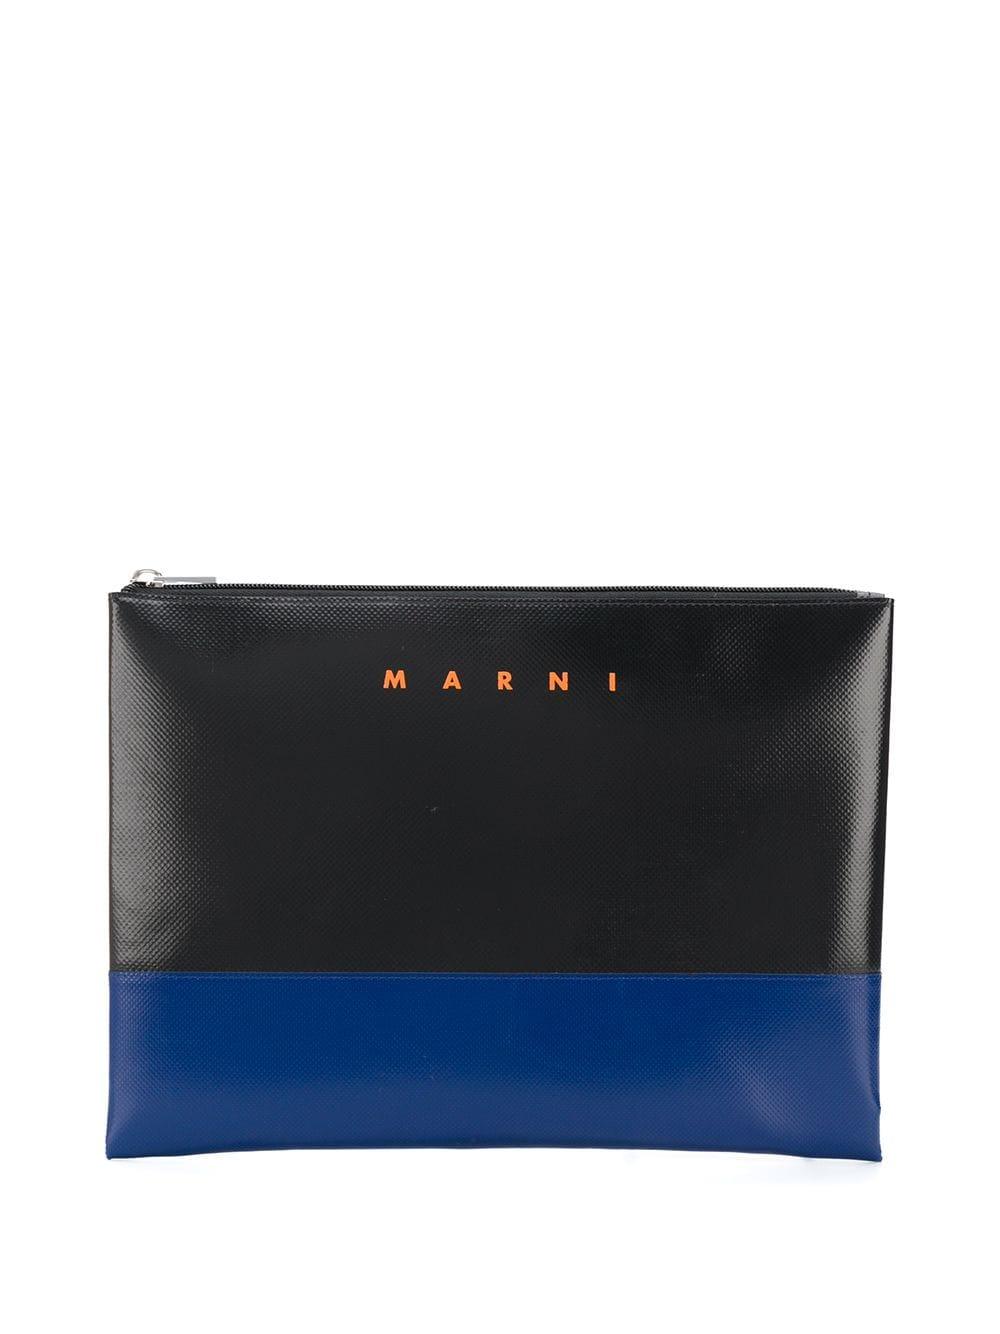 Picture of Marni   Bi-Colour Logo Print Pouch